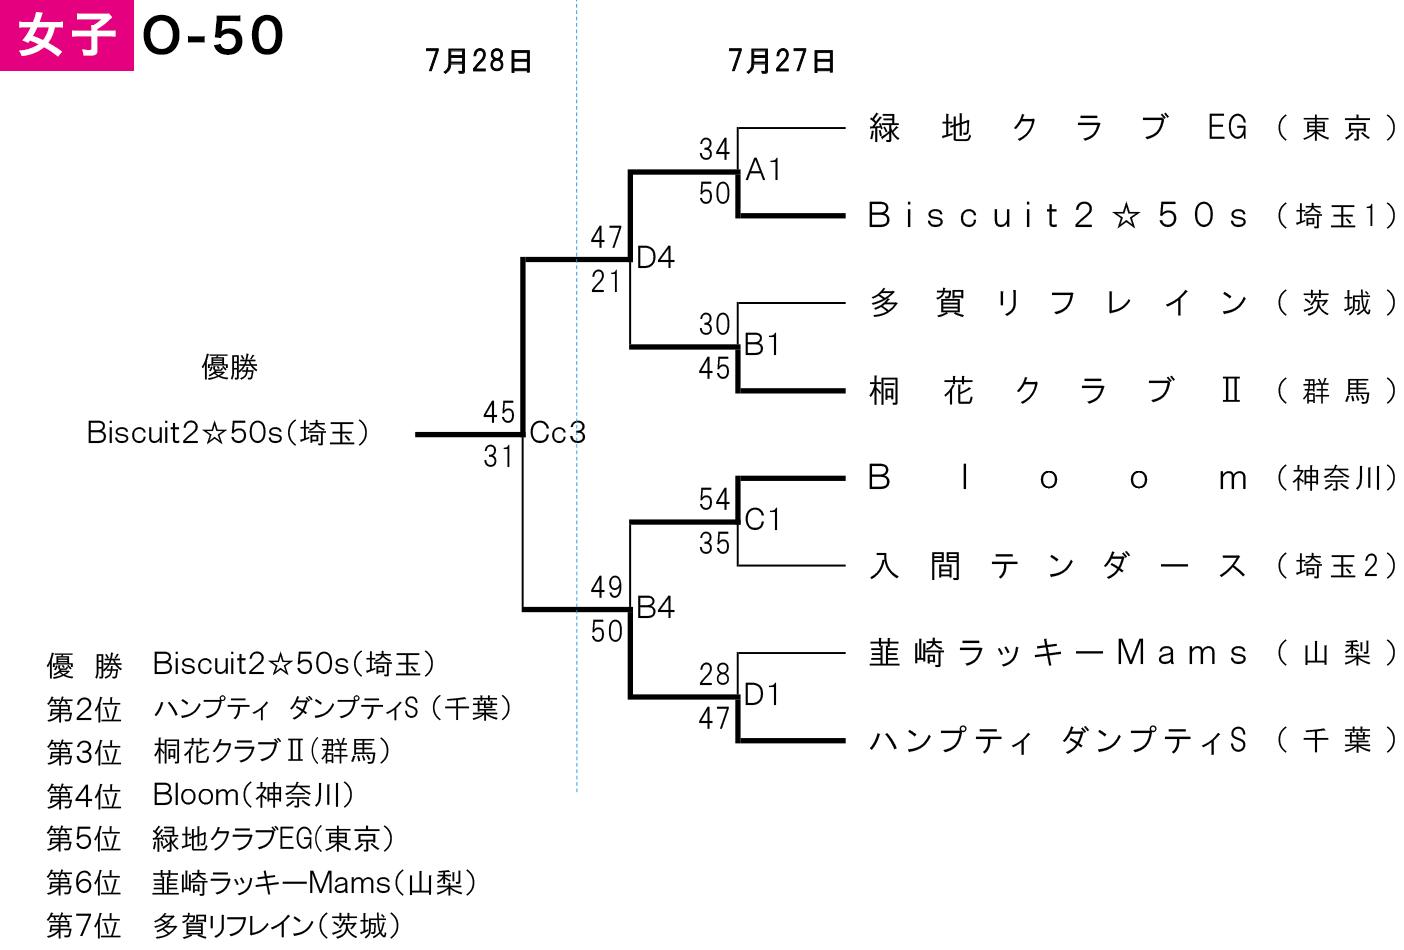 2019年度 第2回 全日本社会人O-50バスケットボール選手権大会 関東ブロック予選 - 大会結果 女子